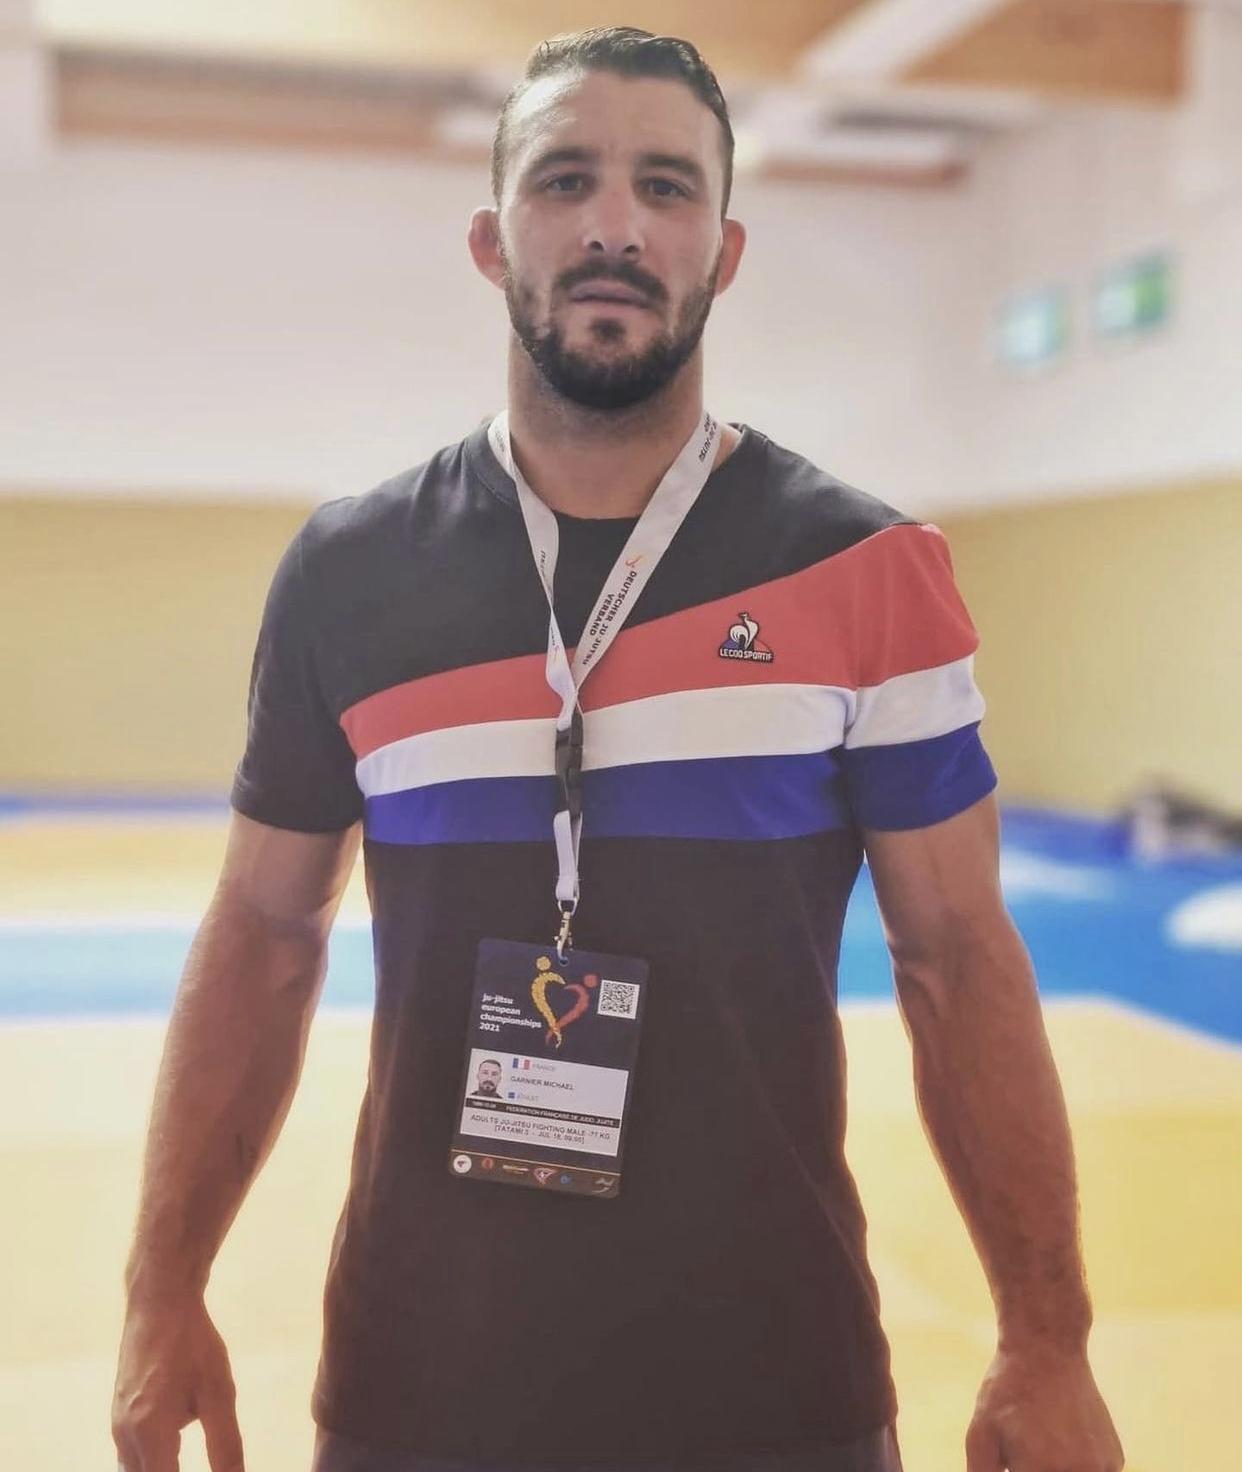 Photo de Mickael Garnier, médaillé aux championnats d'Europe